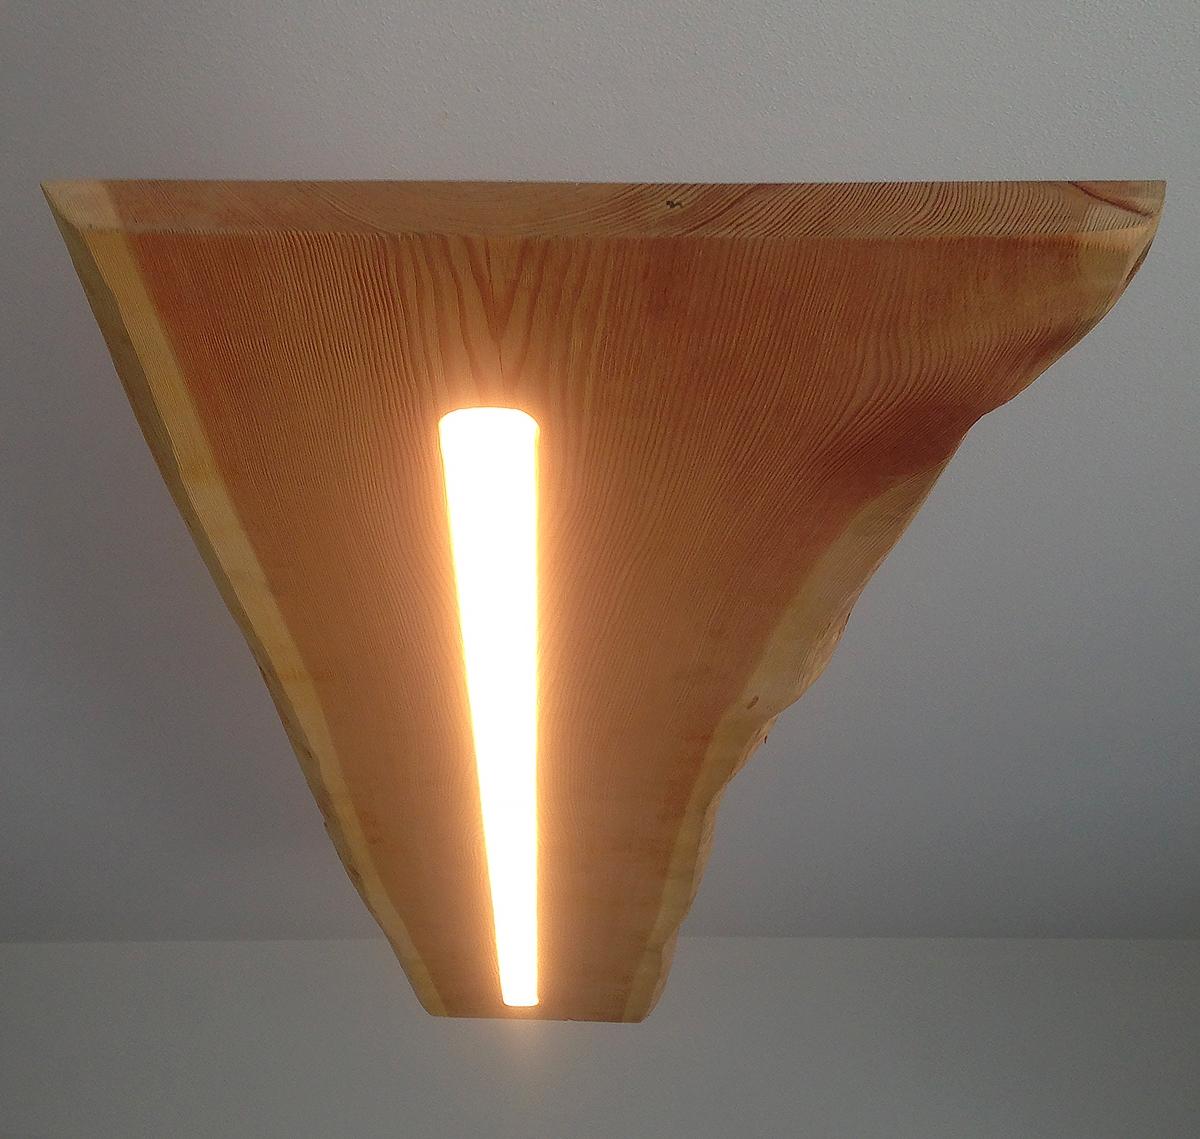 Dettaglio lampadario abete